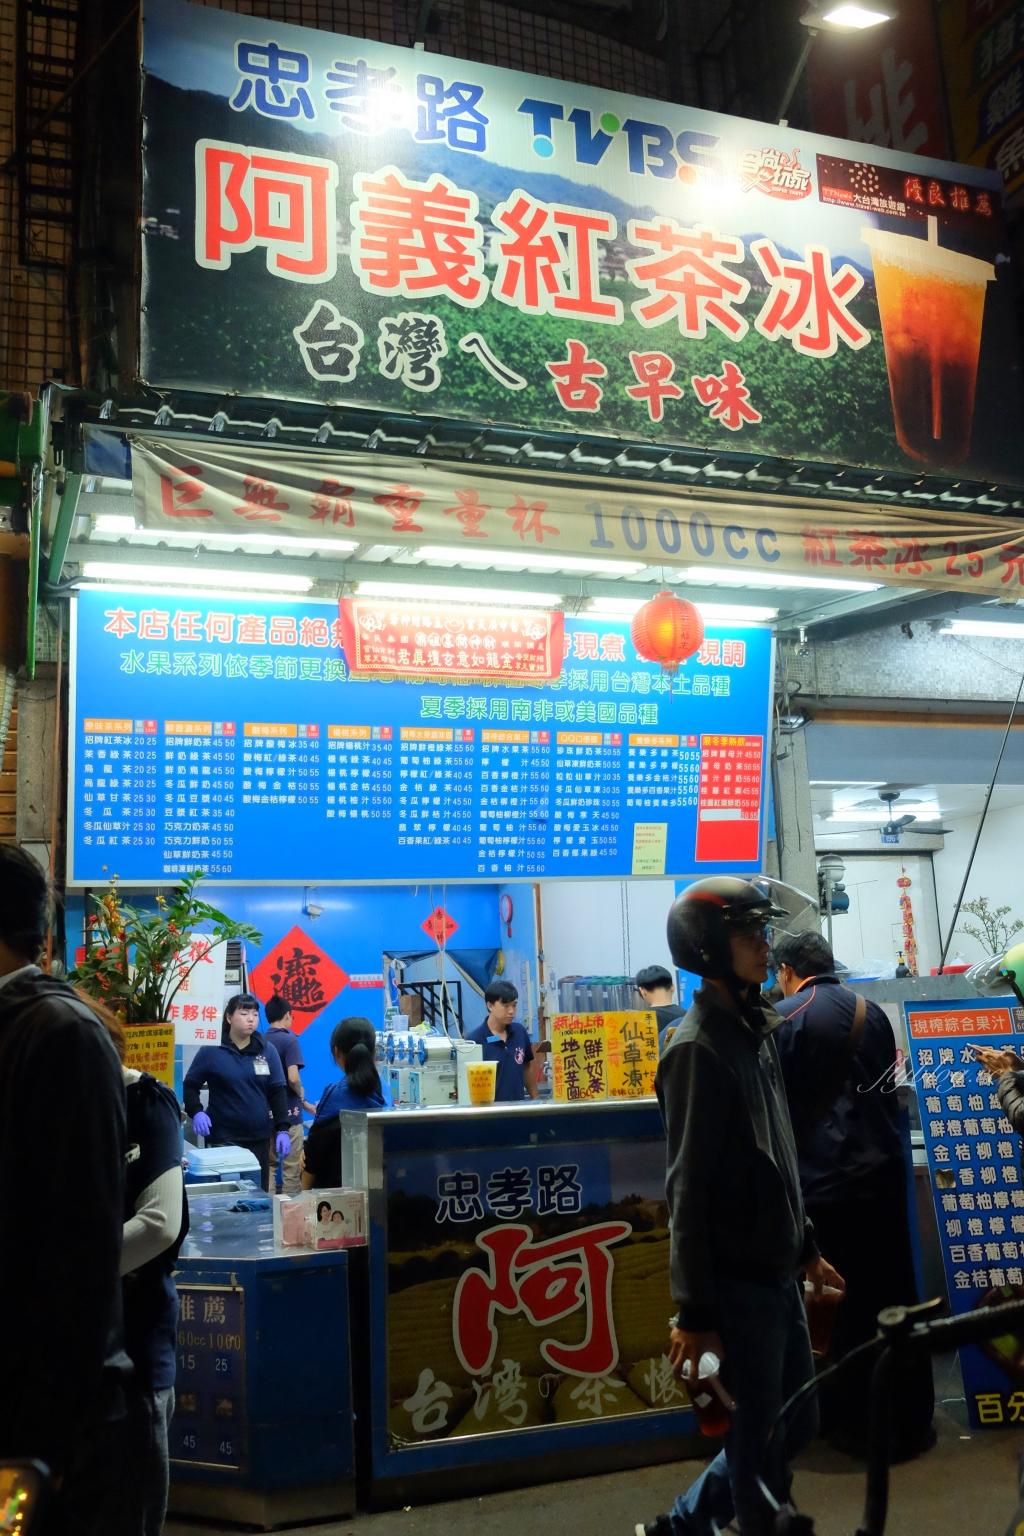 【台中南區】阿義紅茶冰:忠孝夜市正宗古早味紅茶,便宜好喝幾乎天天都排隊 @飛天璇的口袋